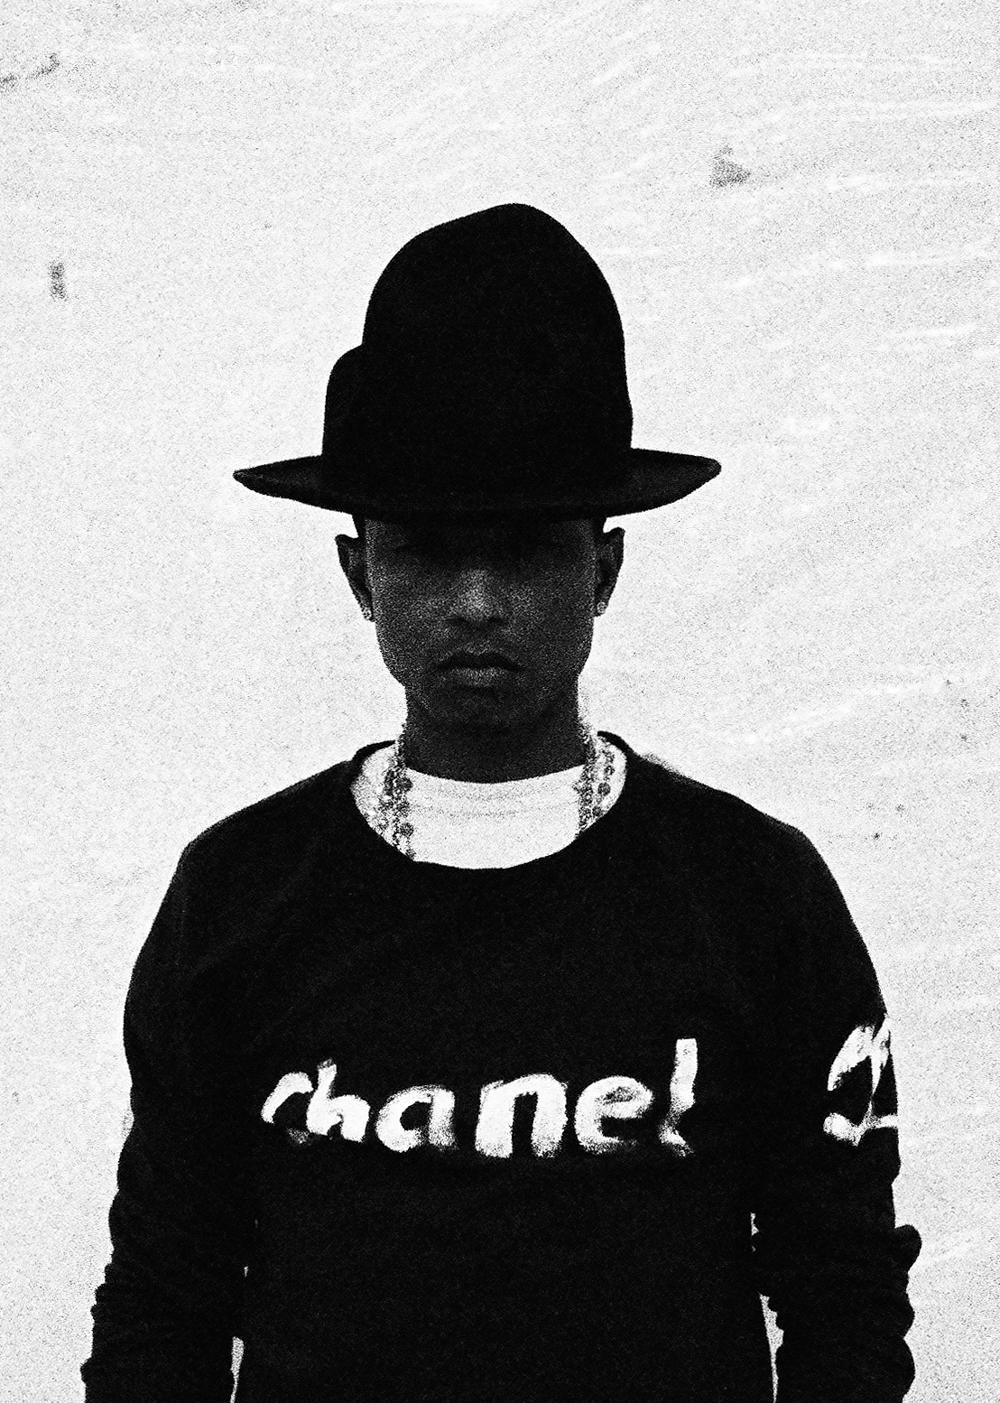 PharrellArshamGIRLJamesLaw-68.jpg